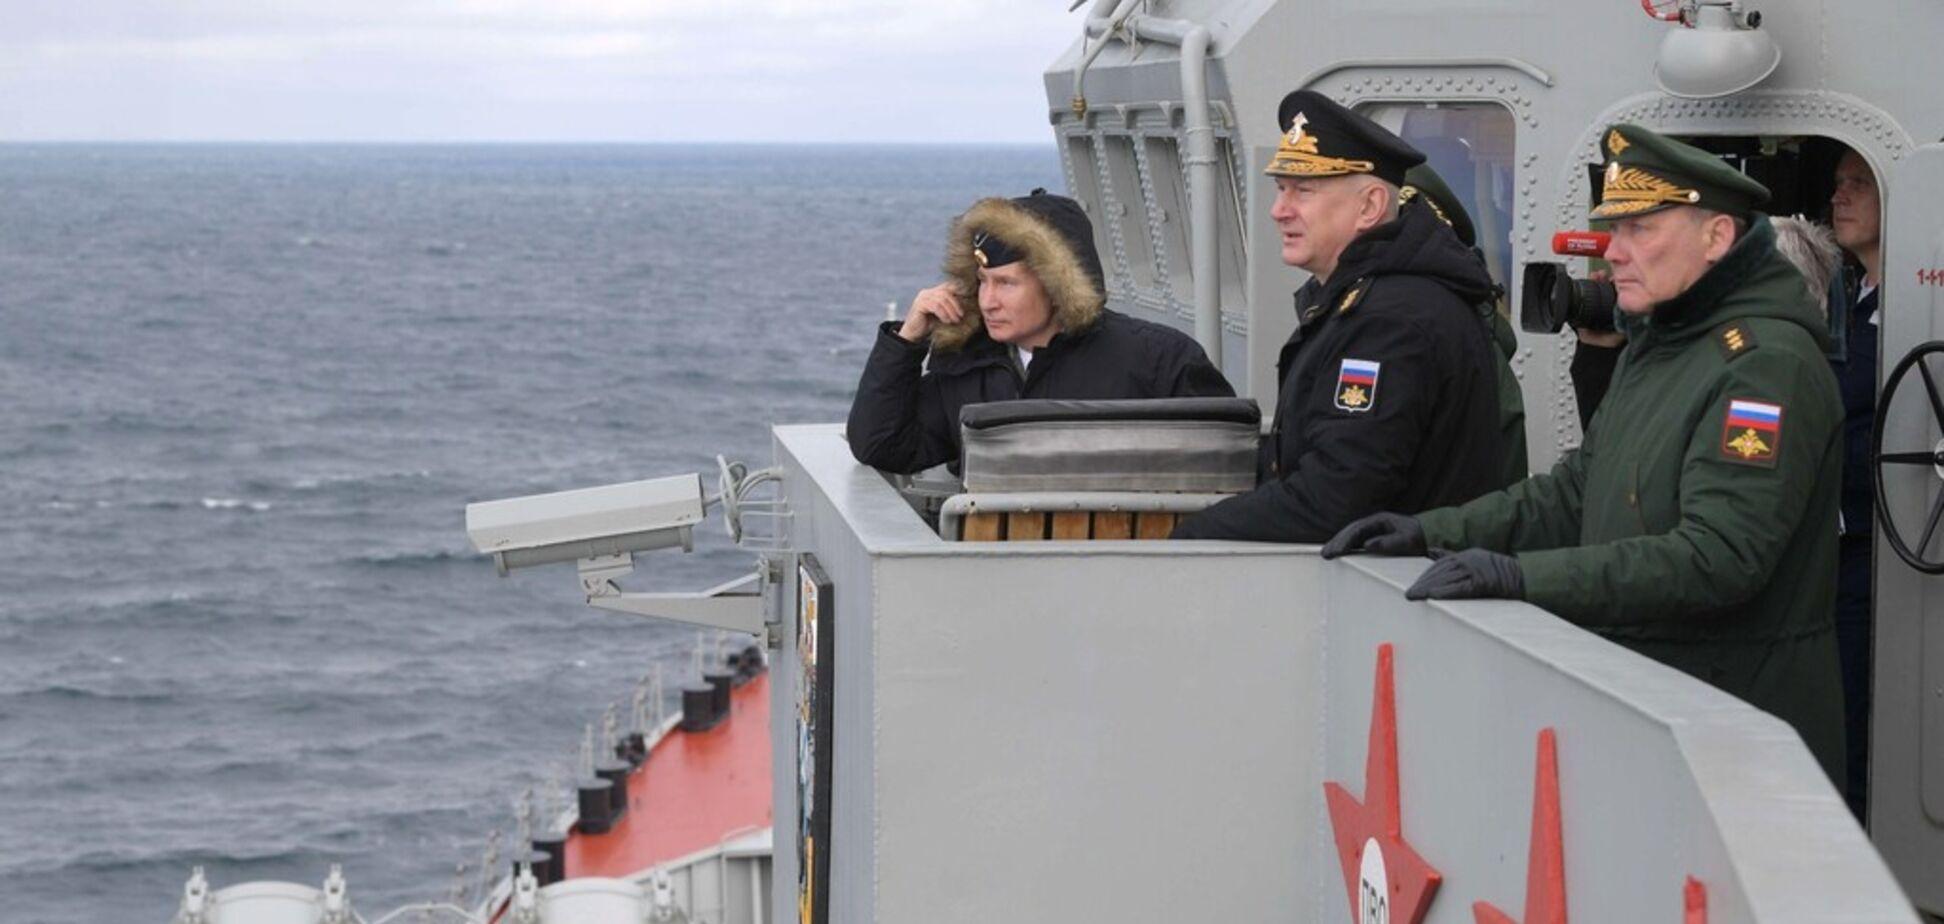 'Путин 'похоронил' Черноморский флот': эксперт заявил о слабости Кремля